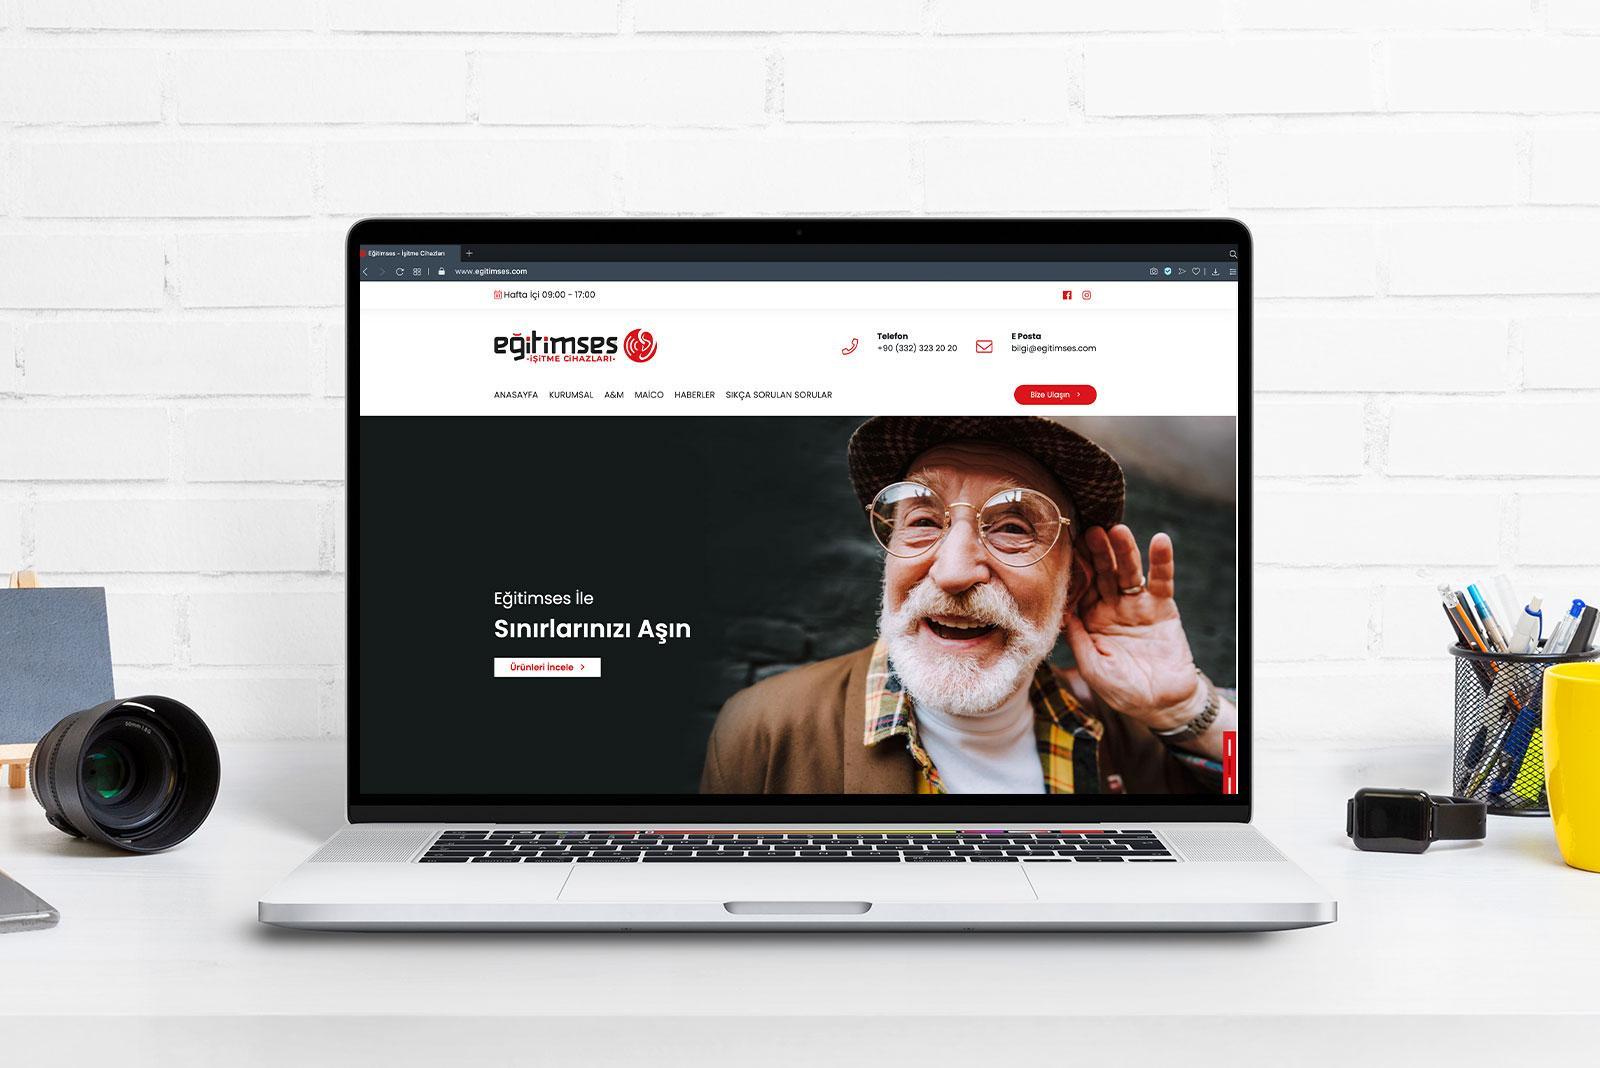 EĞİTİM SES İŞİTME CİHAZLARI WEB SİTESİ